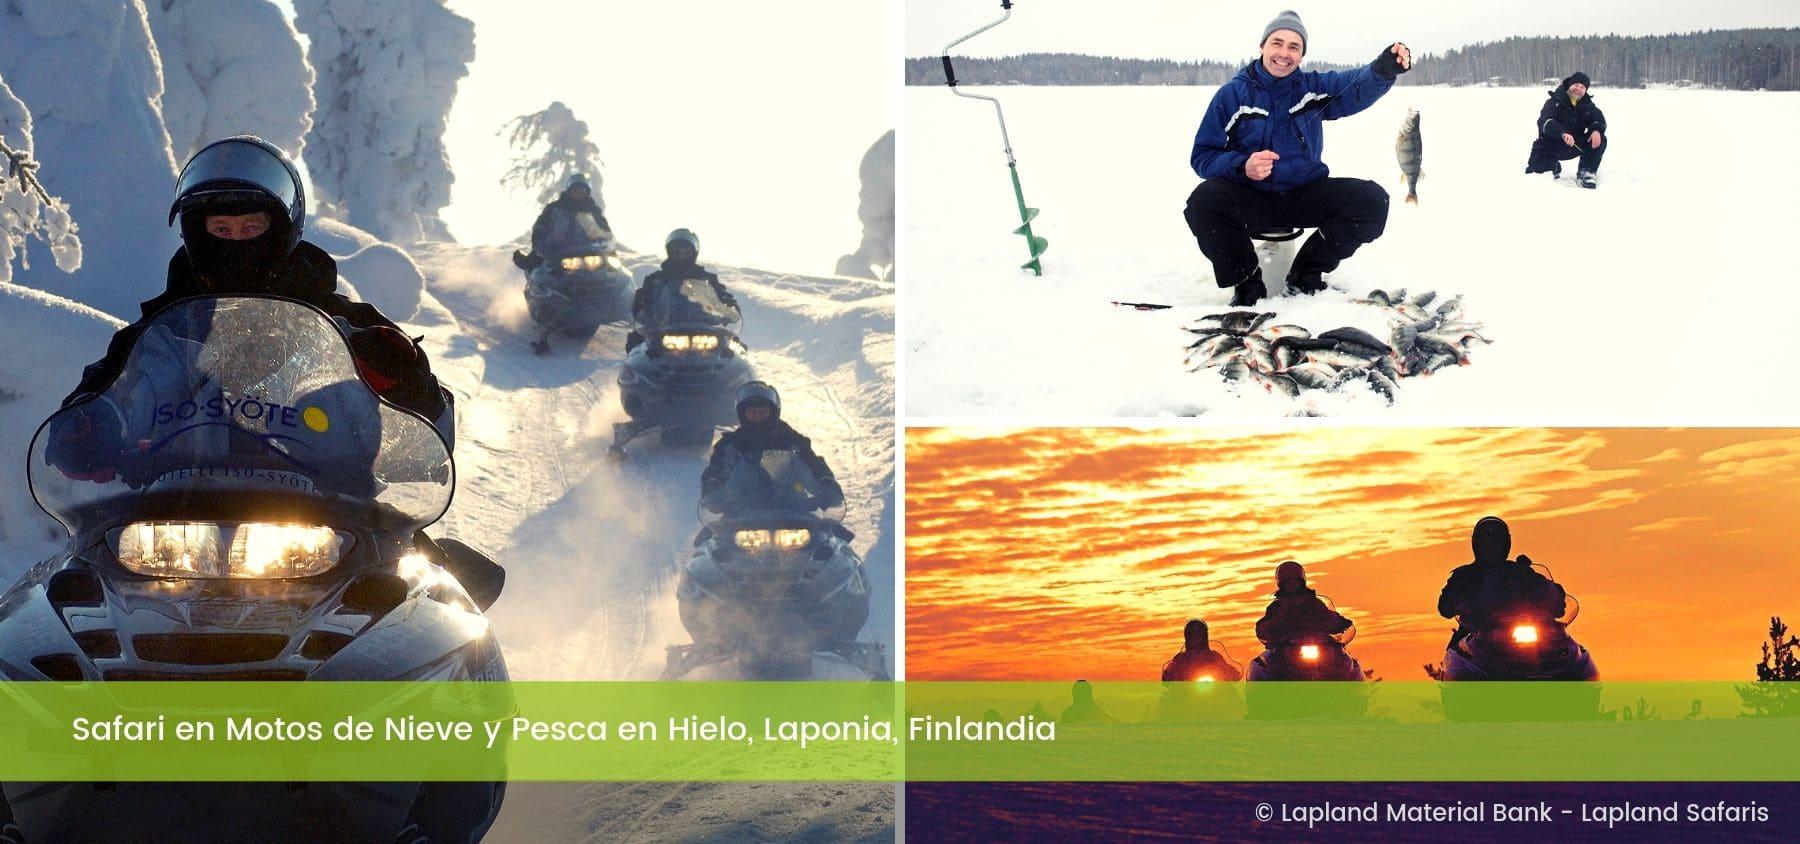 Safari Motos de Nieve Pesca en Hielo Rovaniemi Laponia Finlandia